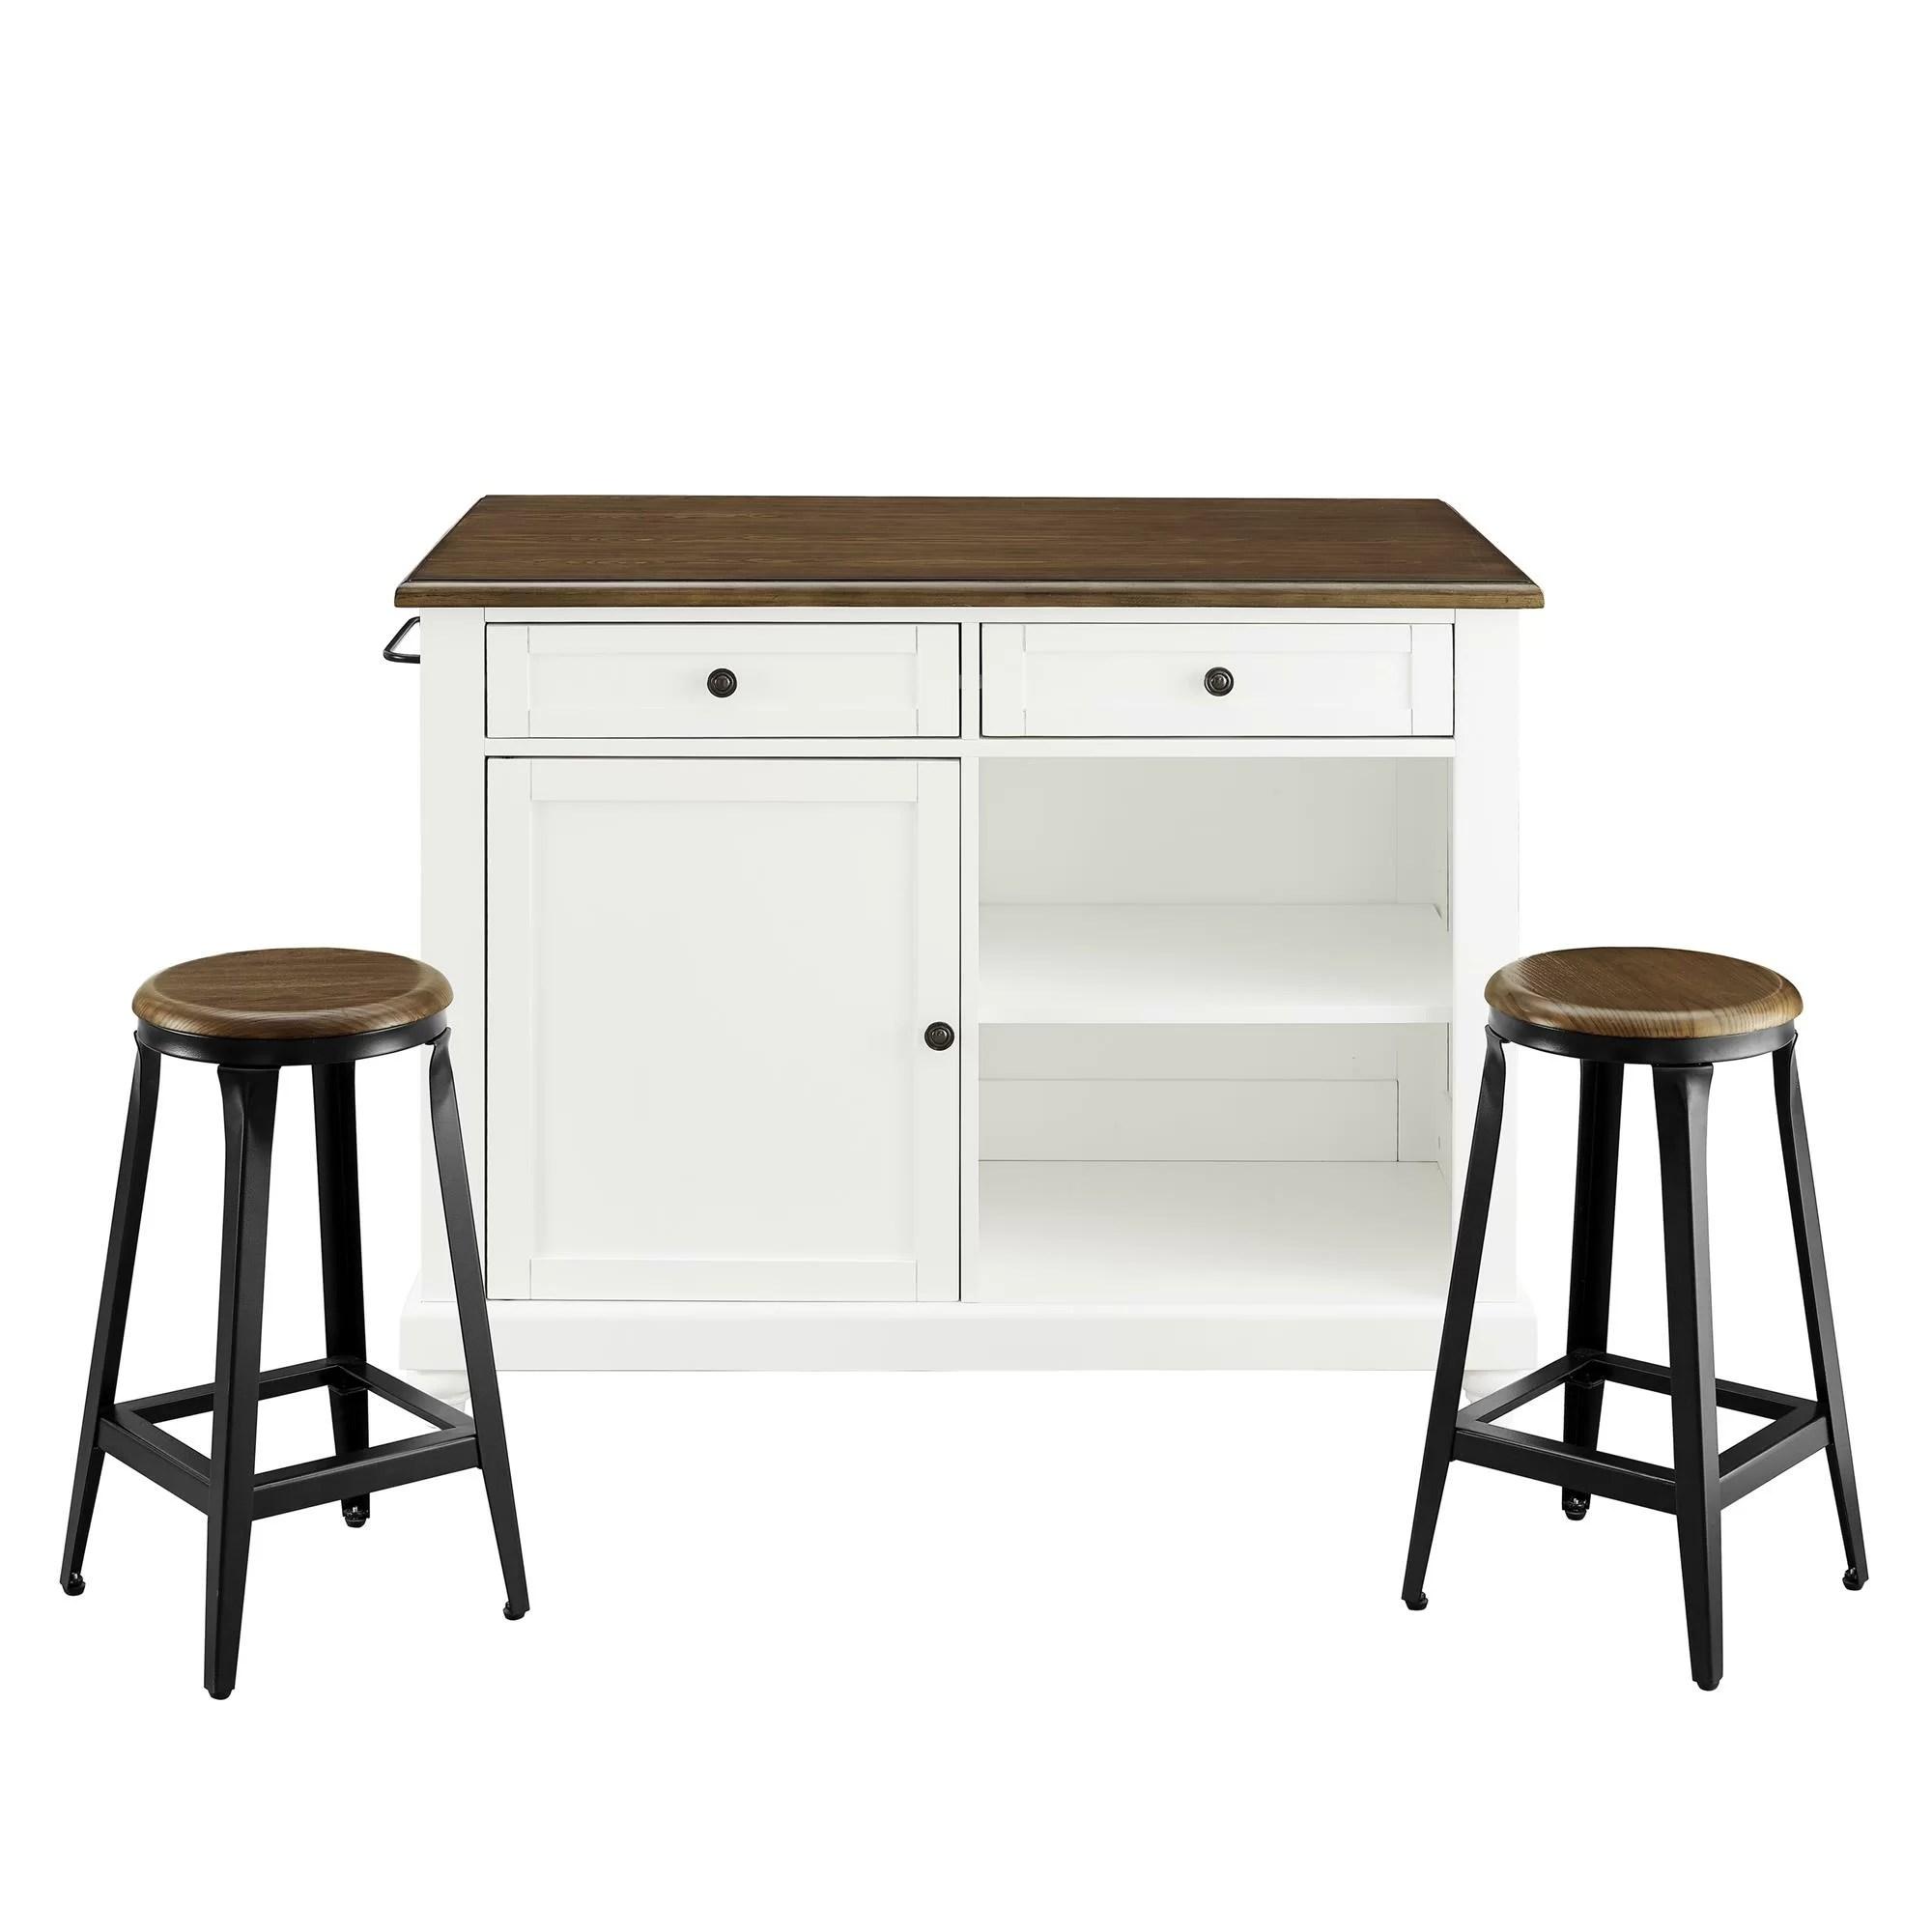 kitchen island set green accessories gilchrist reviews allmodern